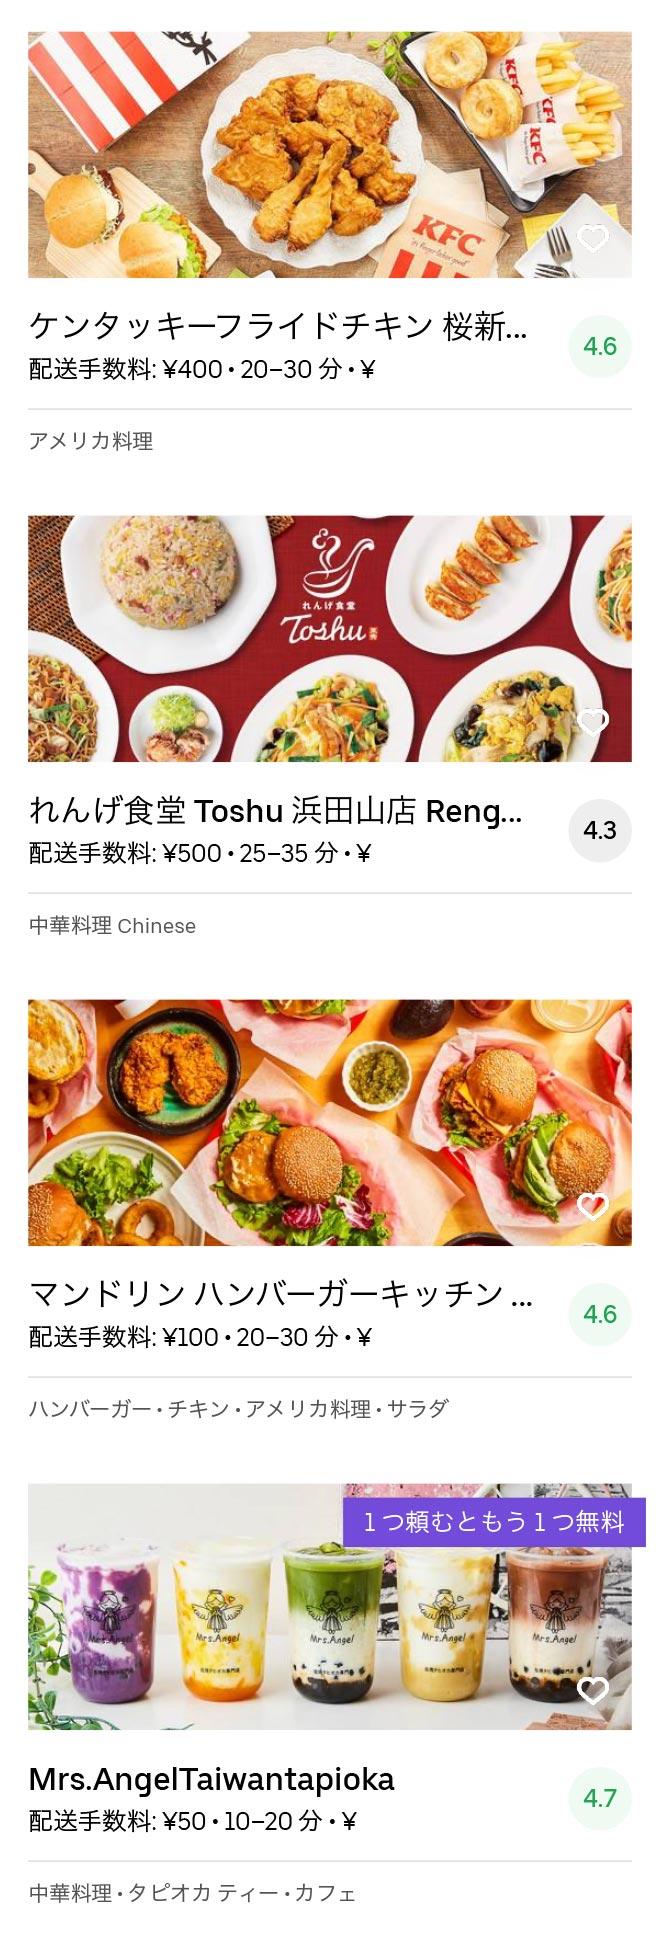 Tokyo kyodo menu 2005 03